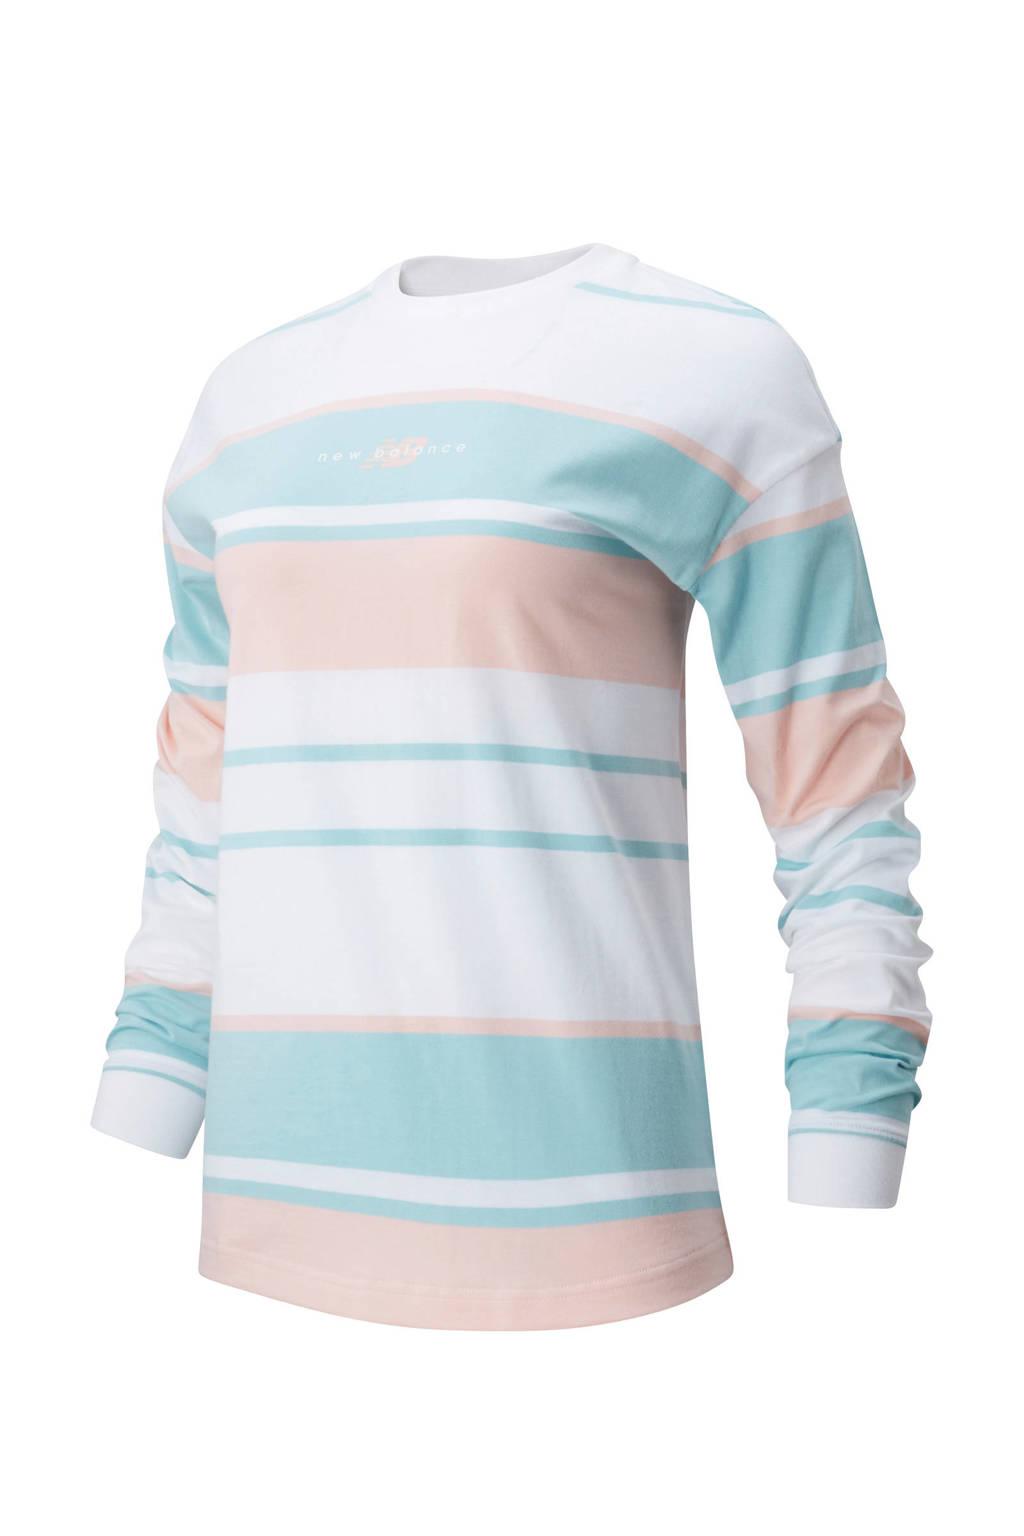 New Balance T-shirt lichtblauw/oranje/wit, Lichtblauw/oranje/wit